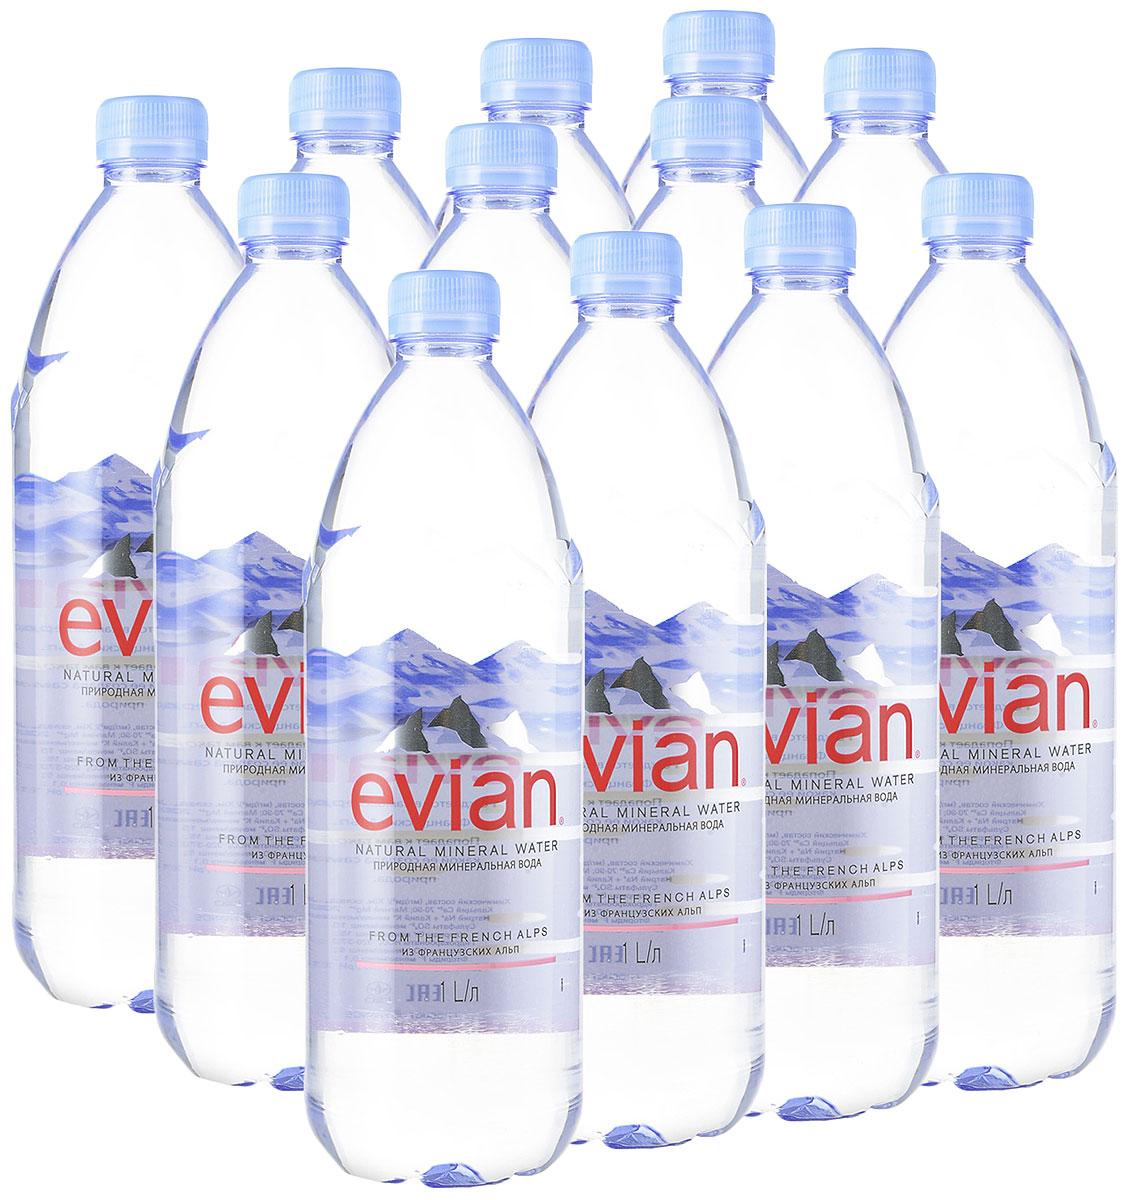 Evian вода минеральная природная столовая негазированная, 12 штук по 1 л340023602_блокиEvian - природная минеральная вода. Уникальный минеральный состав природной воды Evian способствует поддержанию водного баланса в организме. Формат 1 л прекрасно подойдет для дома и работы.О бренде:Источник Evian находится на бережно охраняемой территории, в самом сердце французских Альп. В процессе естественной фильтрации горными породами в течение 15 лет природная минеральная вода Evian приобретает уникальный сбалансированный минеральный состав и, непосредственно у источника, разливается в бутылки.Сколько нужно пить воды: мнение диетолога. Статья OZON Гид